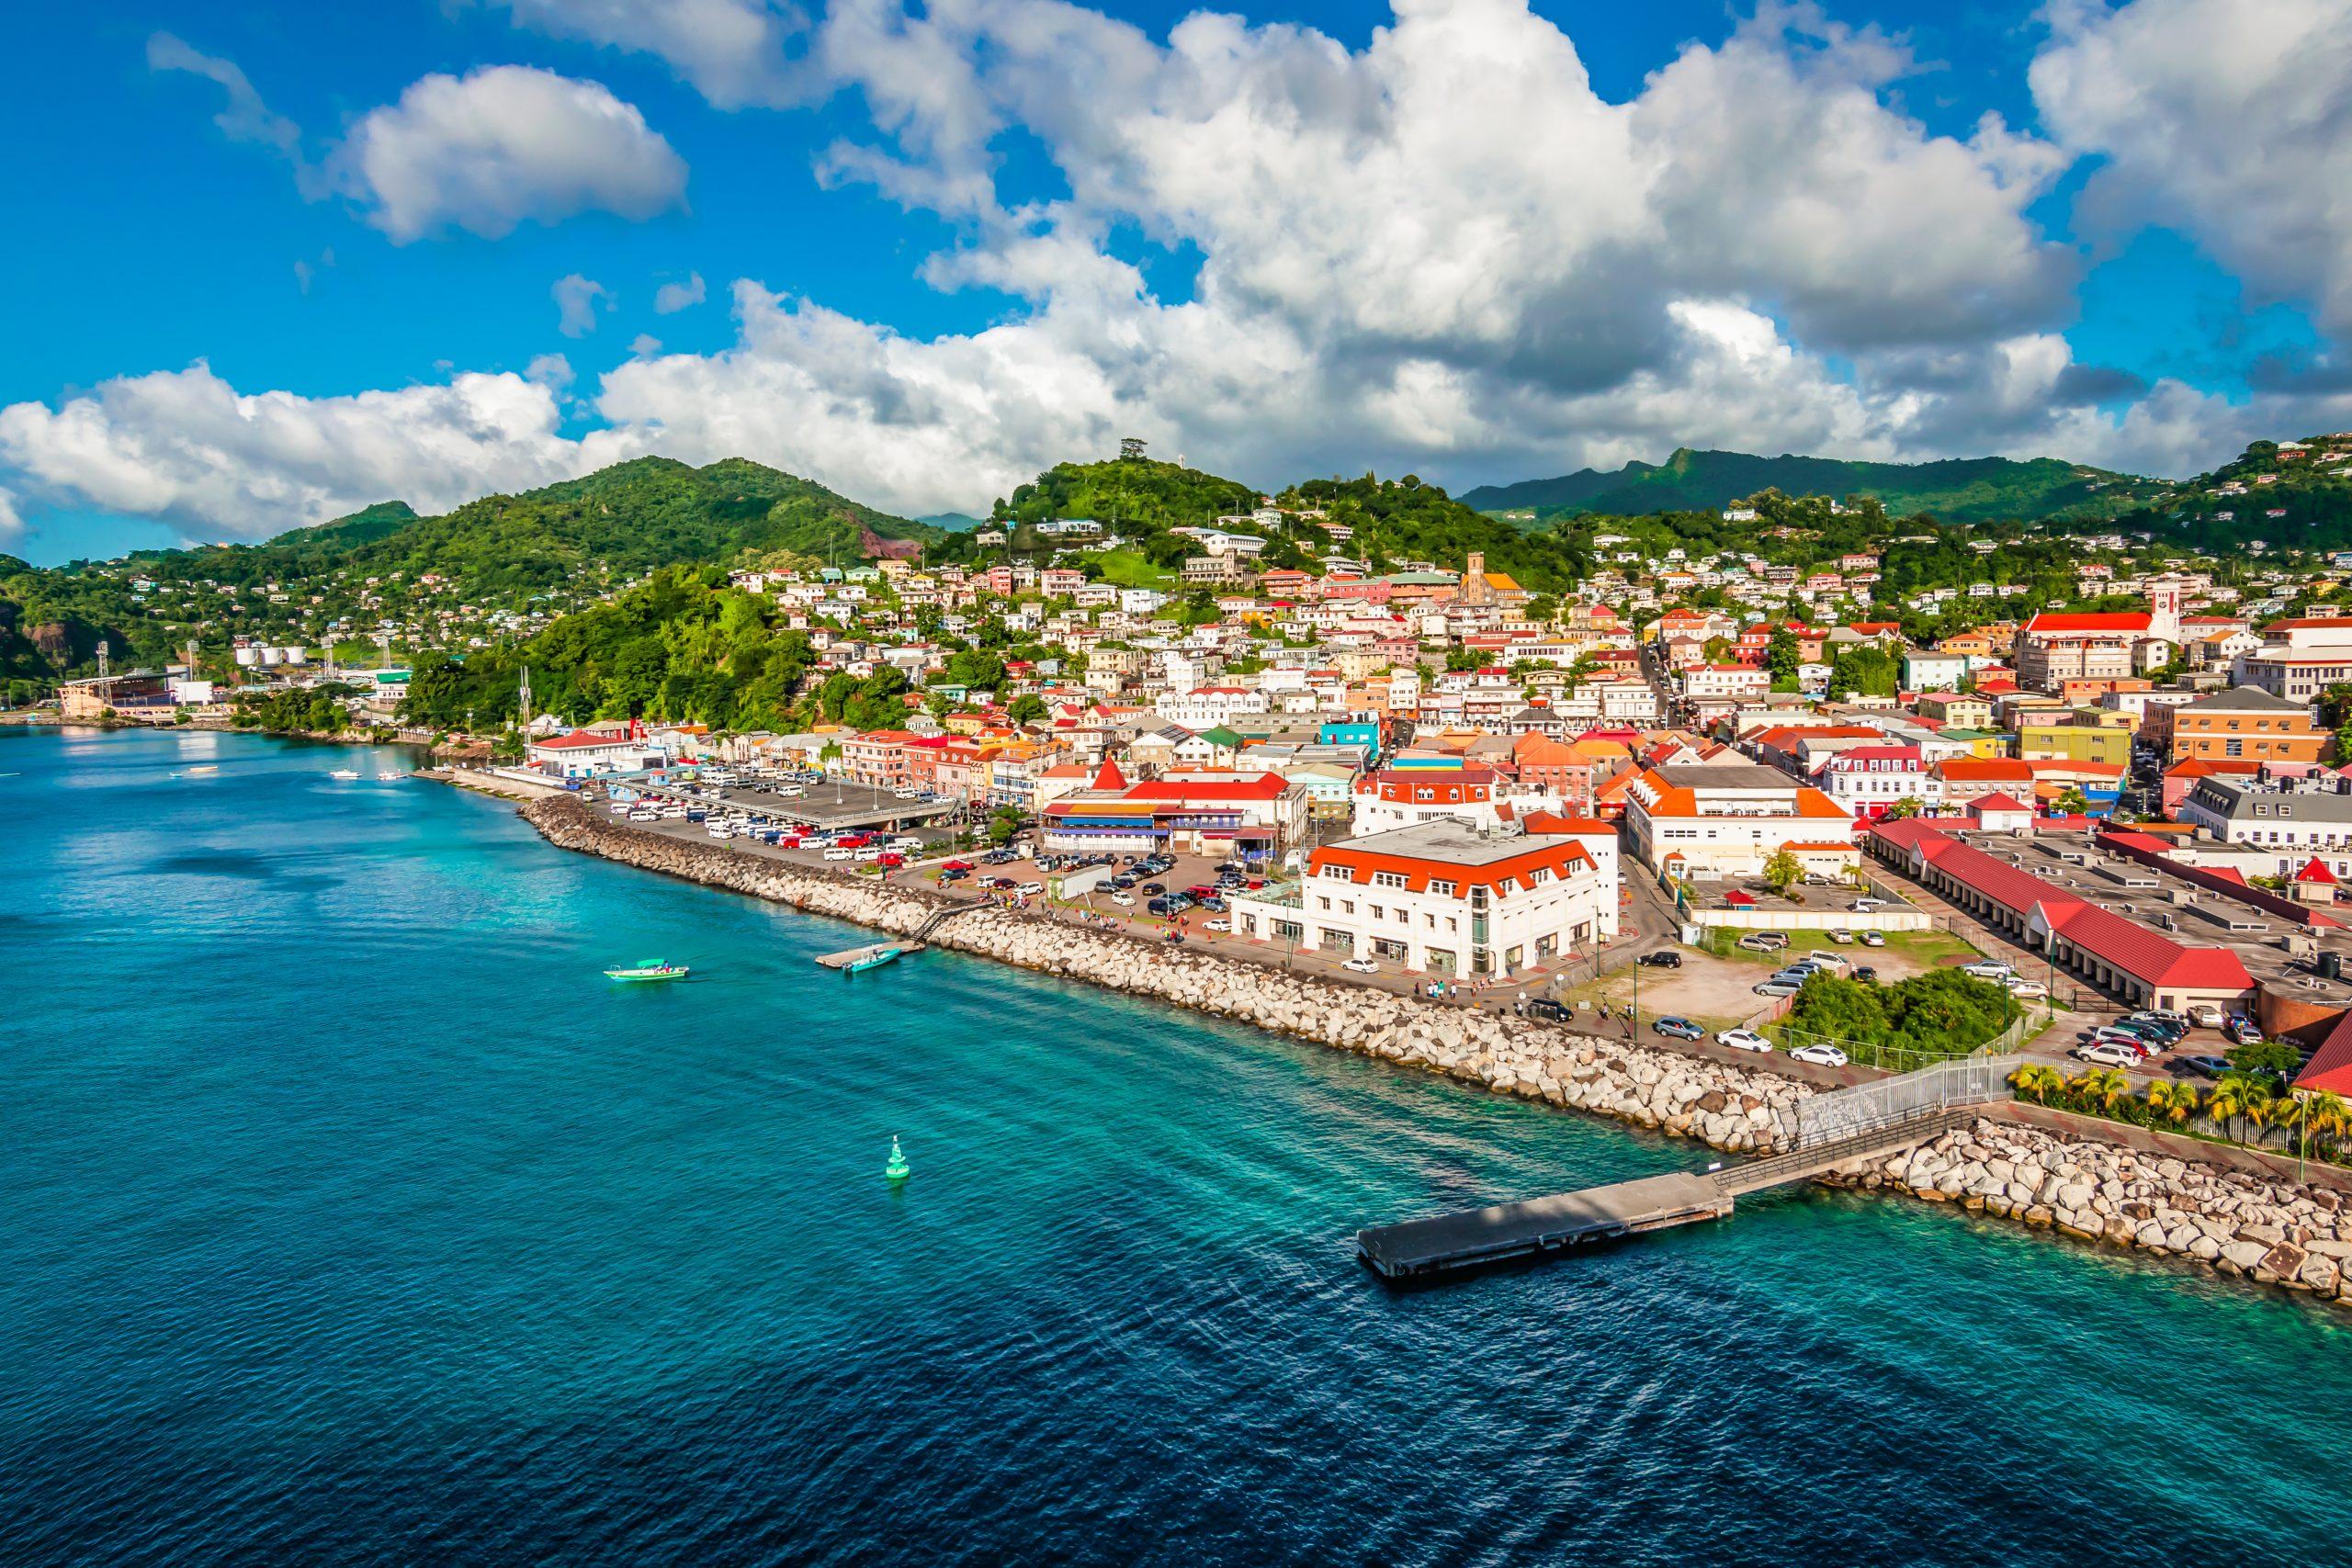 Недвижимость на Гренада для получения гражданства кариб